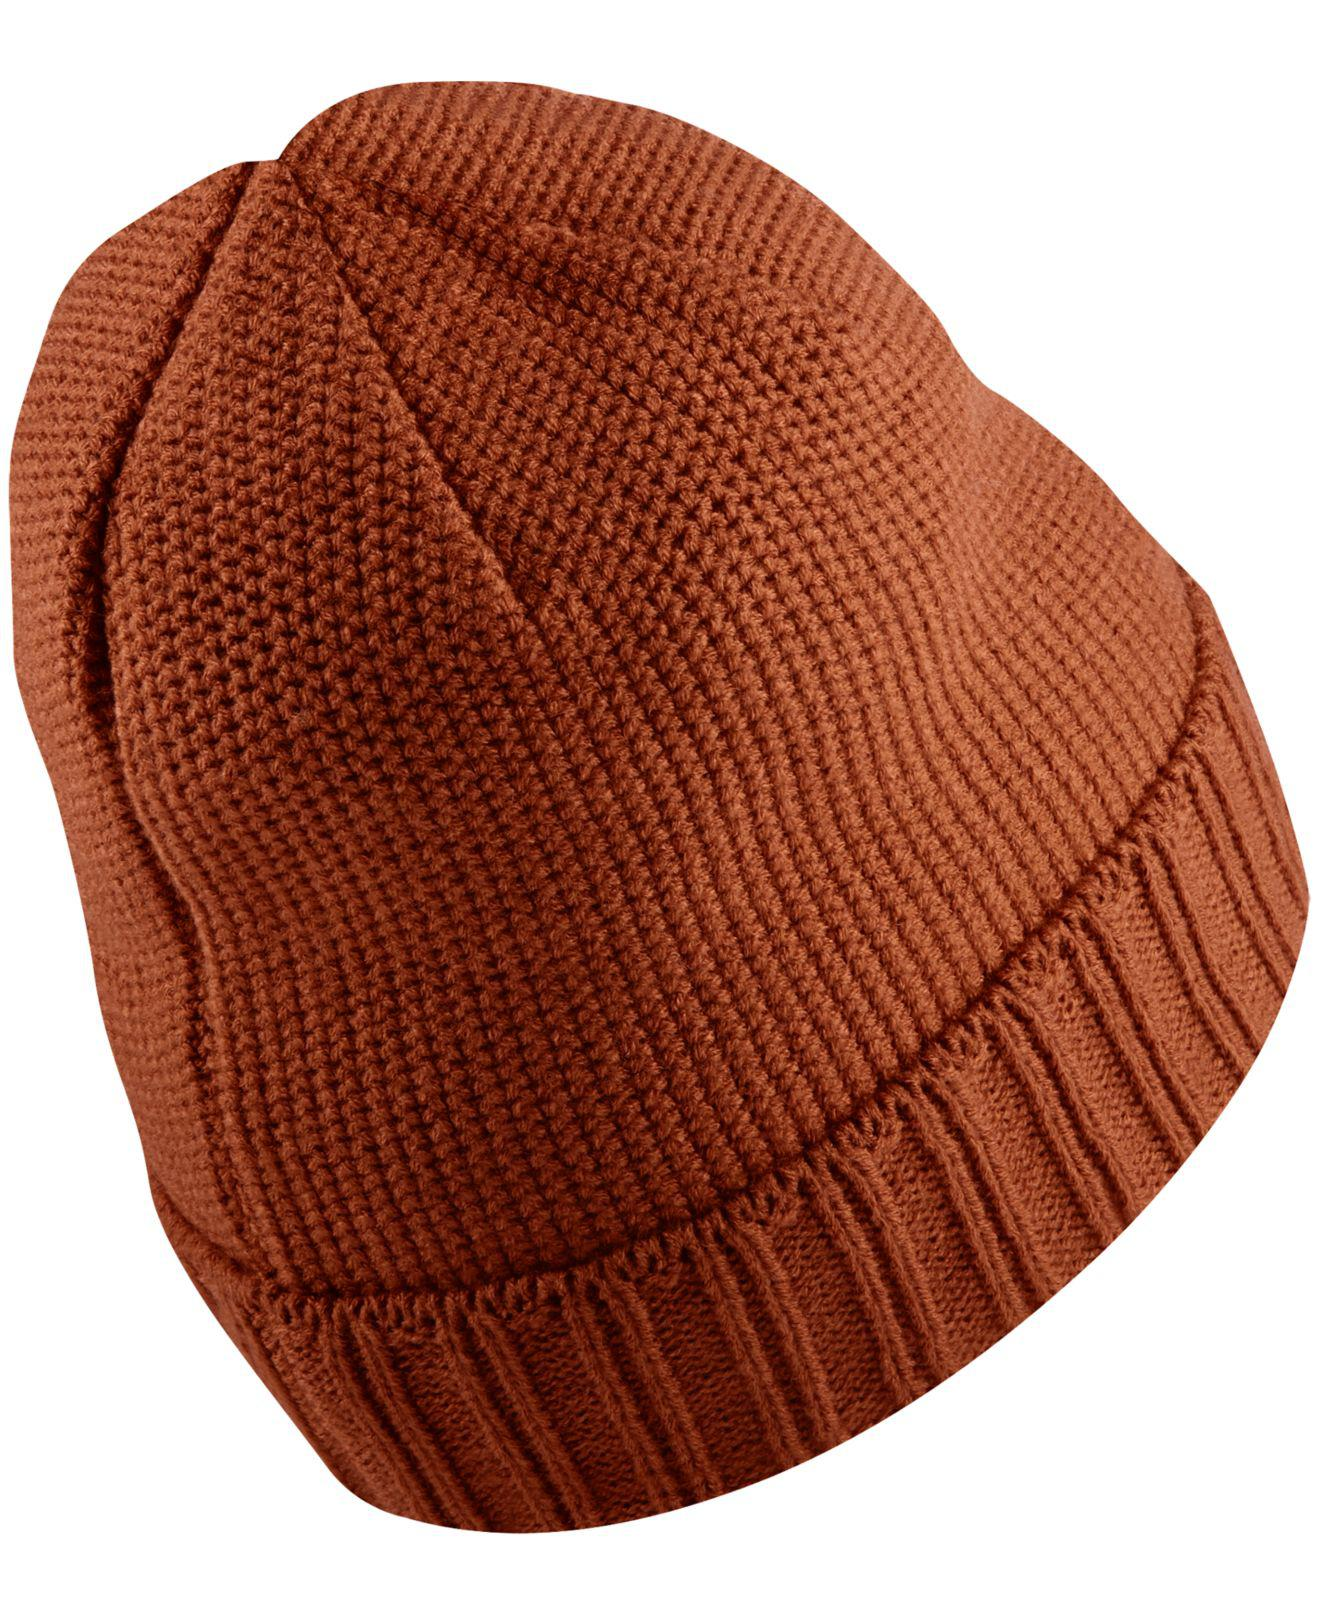 Lyst - Nike Sportswear Honeycomb Beanie in Brown for Men 7a65fec56bbb